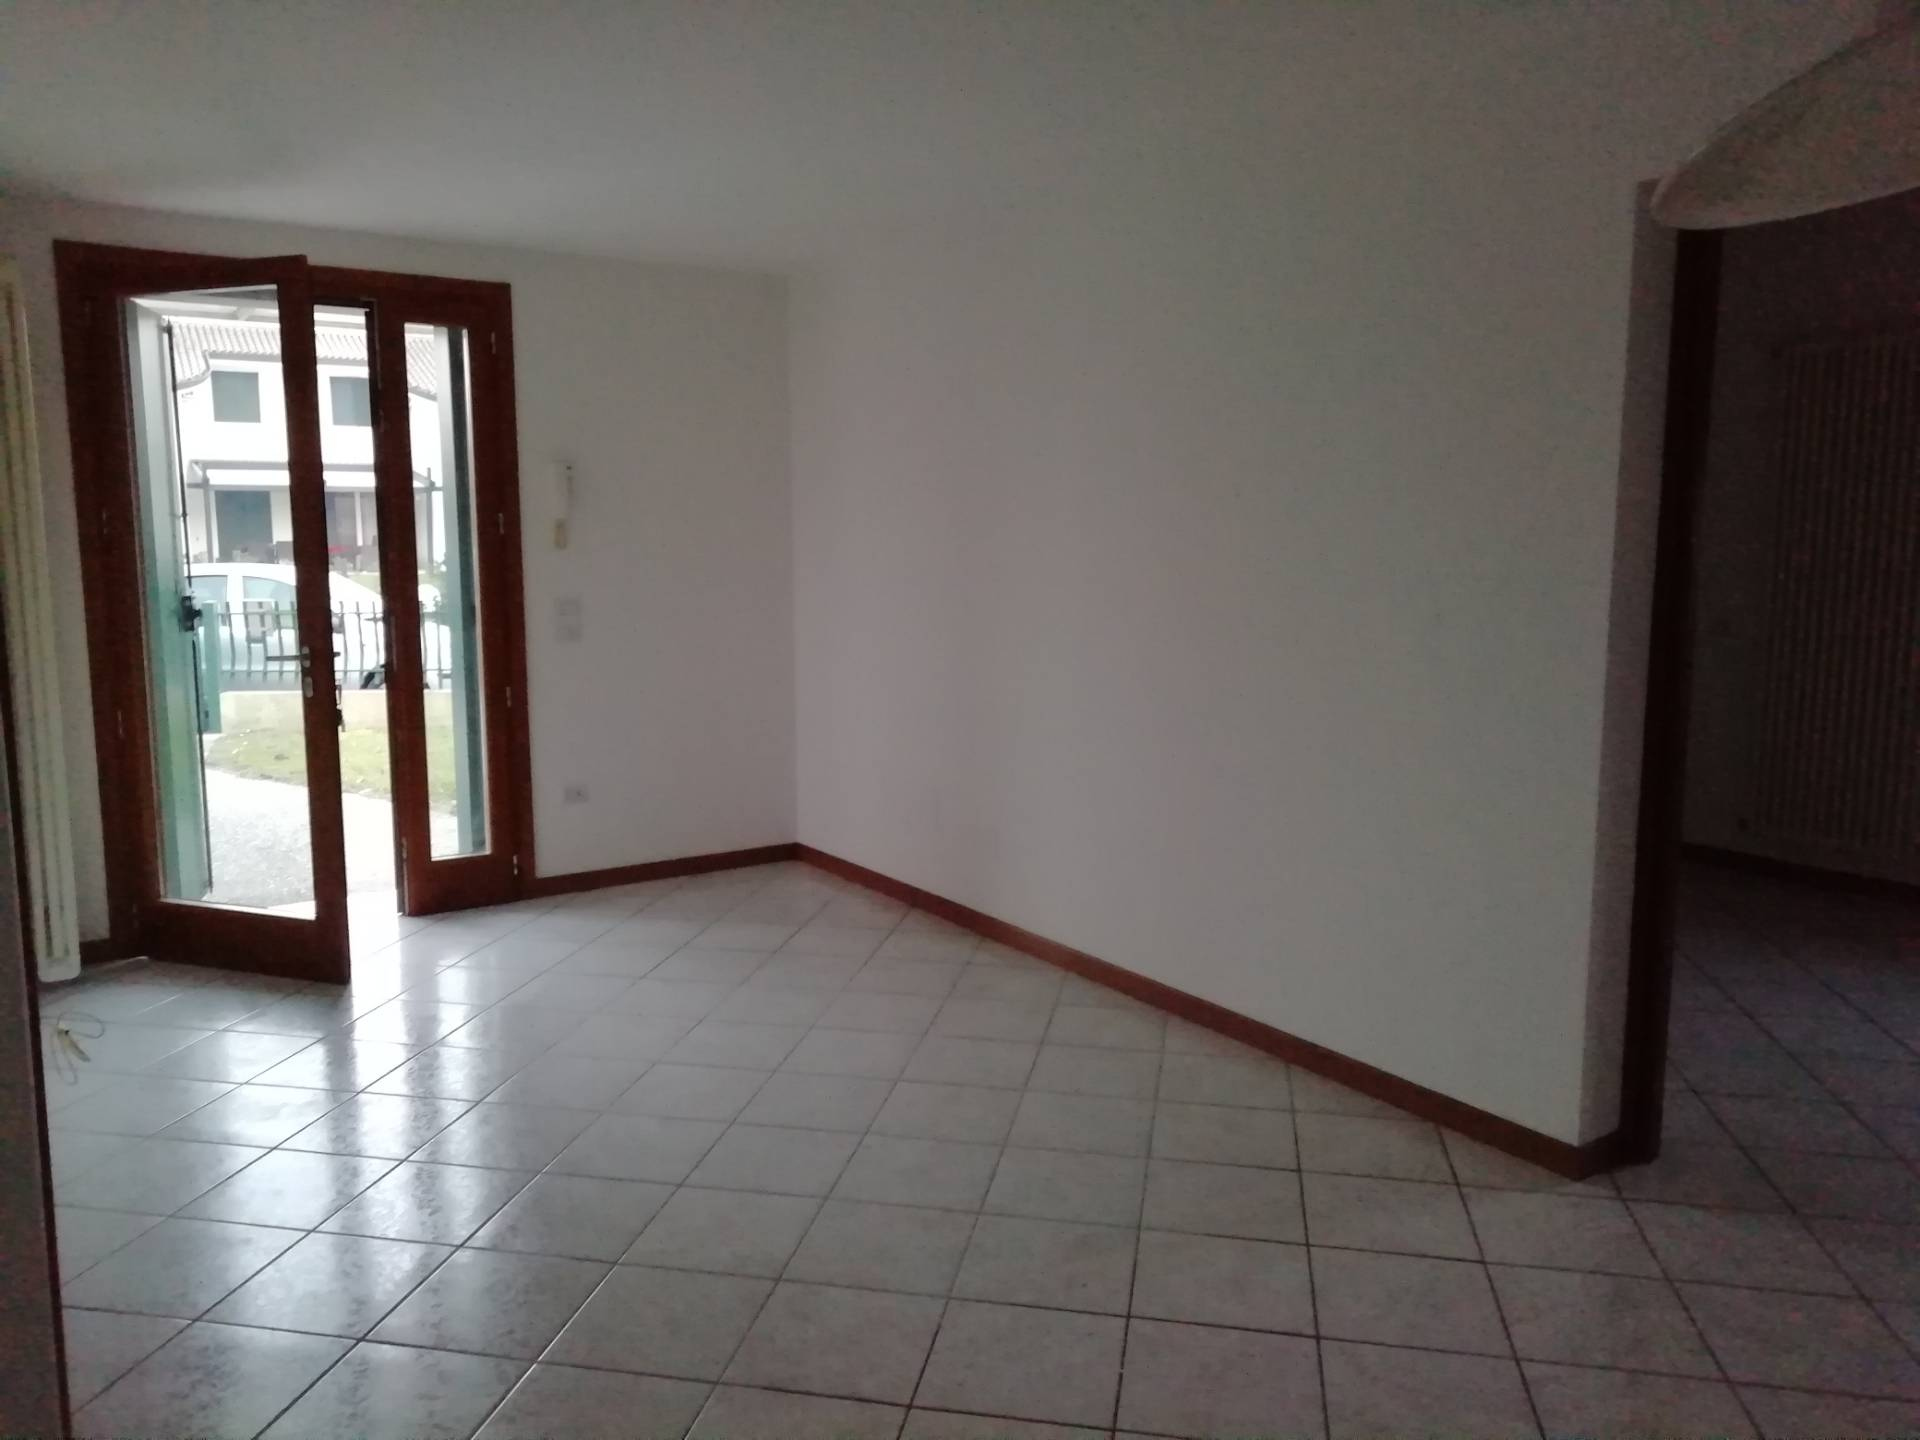 Appartamento in affitto a Scorzè, 3 locali, zona Zona: Peseggia, prezzo € 800 | CambioCasa.it